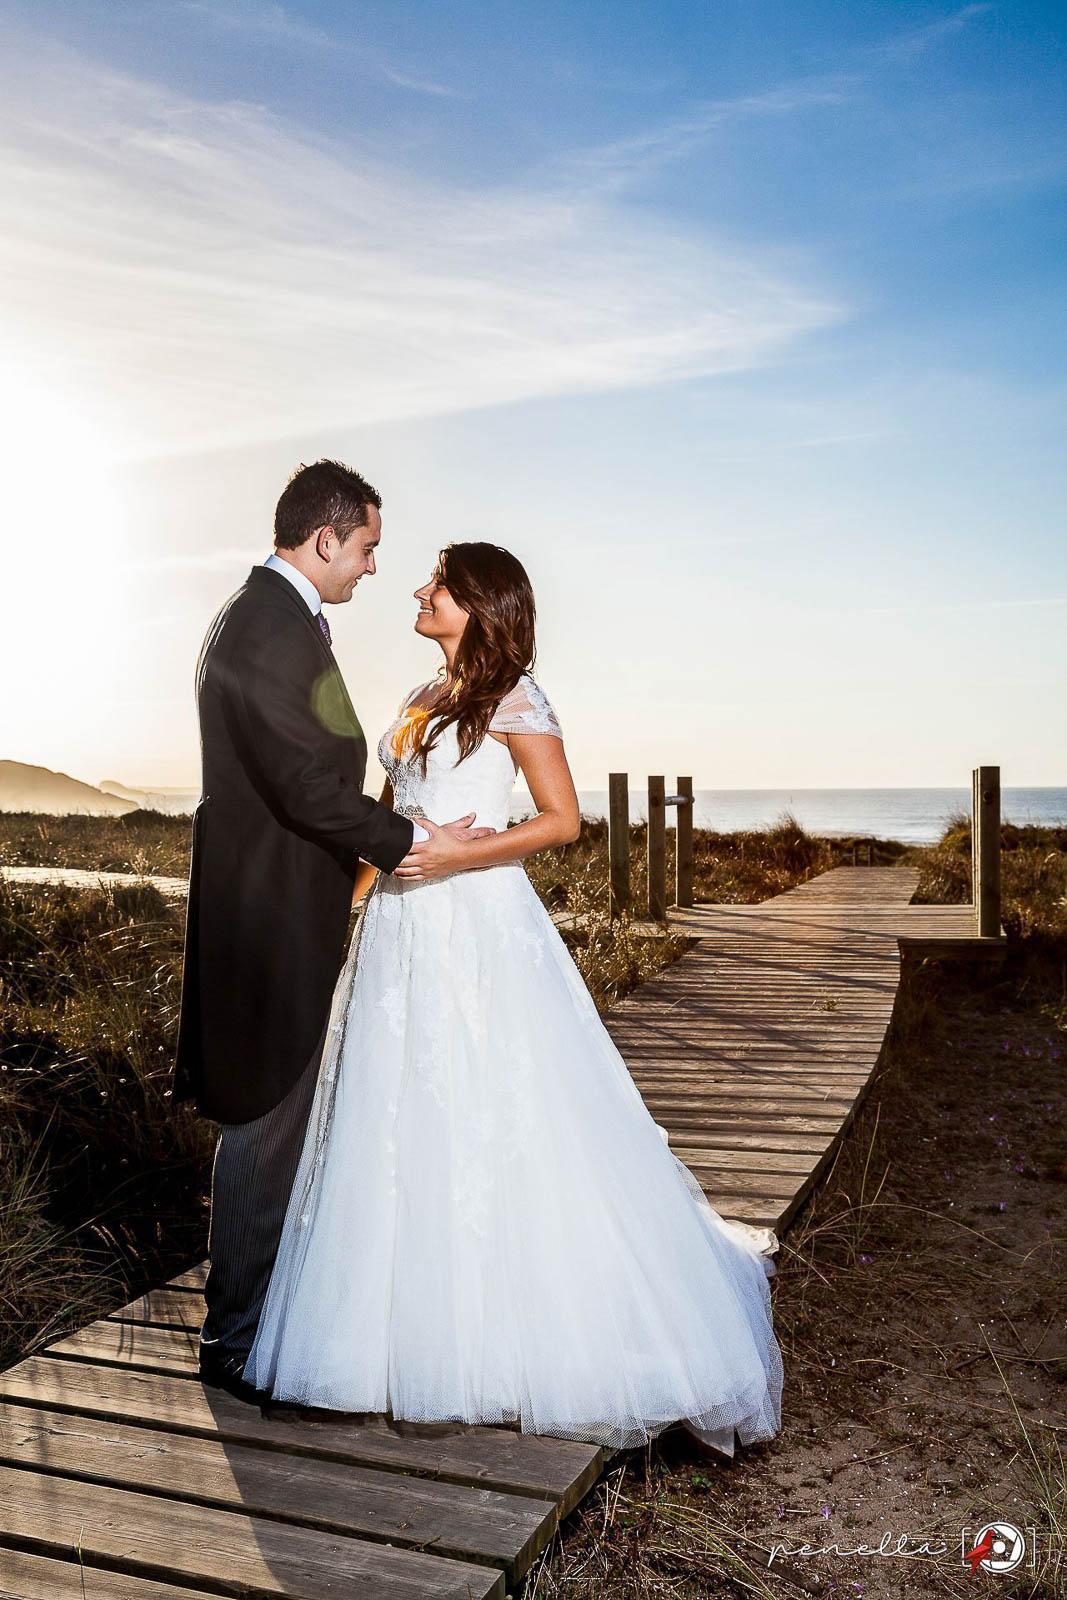 Fotógrafo de bodas en Asturias, Oviedo, Gijón y Avilés Penella Fotografía